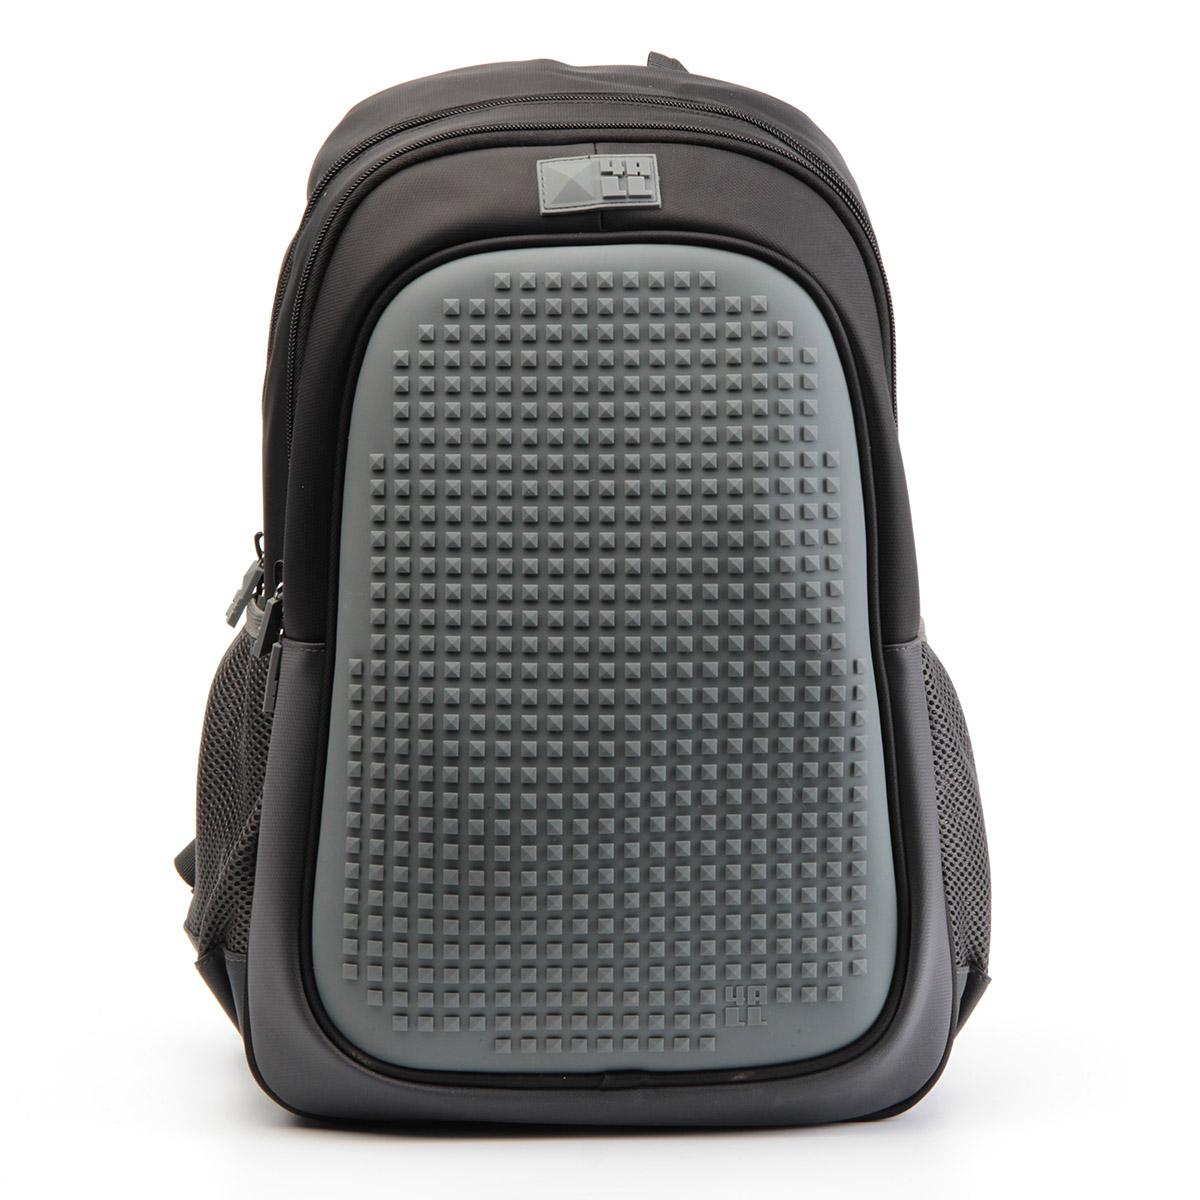 4ALL Рюкзак Case цвет черныйVS16-SB-001Рюкзак 4ALL - это одновременно яркий, функциональный школьный аксессуар и площадка длясамовыражения. Уникальные рюкзаки Case имеют гипоаллергенную силиконовую панель иразноцветные мозаичные биты, с помощью которых на рюкзаке можно создавать графическиешедевры хоть каждый день!Модель выполнена из полиэстера с водоотталкивающейпропиткой. Рюкзак имеет 2 отделения, снаружи расположены 2 боковых сетчатых кармана.Система Air Comfort System обеспечивает свободную циркуляцию воздухамежду задней стенкой рюкзака и спиной ребенка. Система Ergo System служит равномерномураспределению нагрузки на спину ребенка, сохранению правильной осанки. Она способна сделатьрюкзак, наполненный учебниками, легким.Ортопедическая спинка как корсет поддерживаетпозвоночник, правильно распределяя нагрузку. Простая и удобная конструкция спины и лямокпозволяет использовать рюкзак даже деткам от 3-х лет.Светоотражающие вставки отвечаютза безопасность ребенка в темное время суток.В комплекте 1 упаковка пикселей-битов 4-х цветов (200 штук) и инструкция для создания базовой картинки.